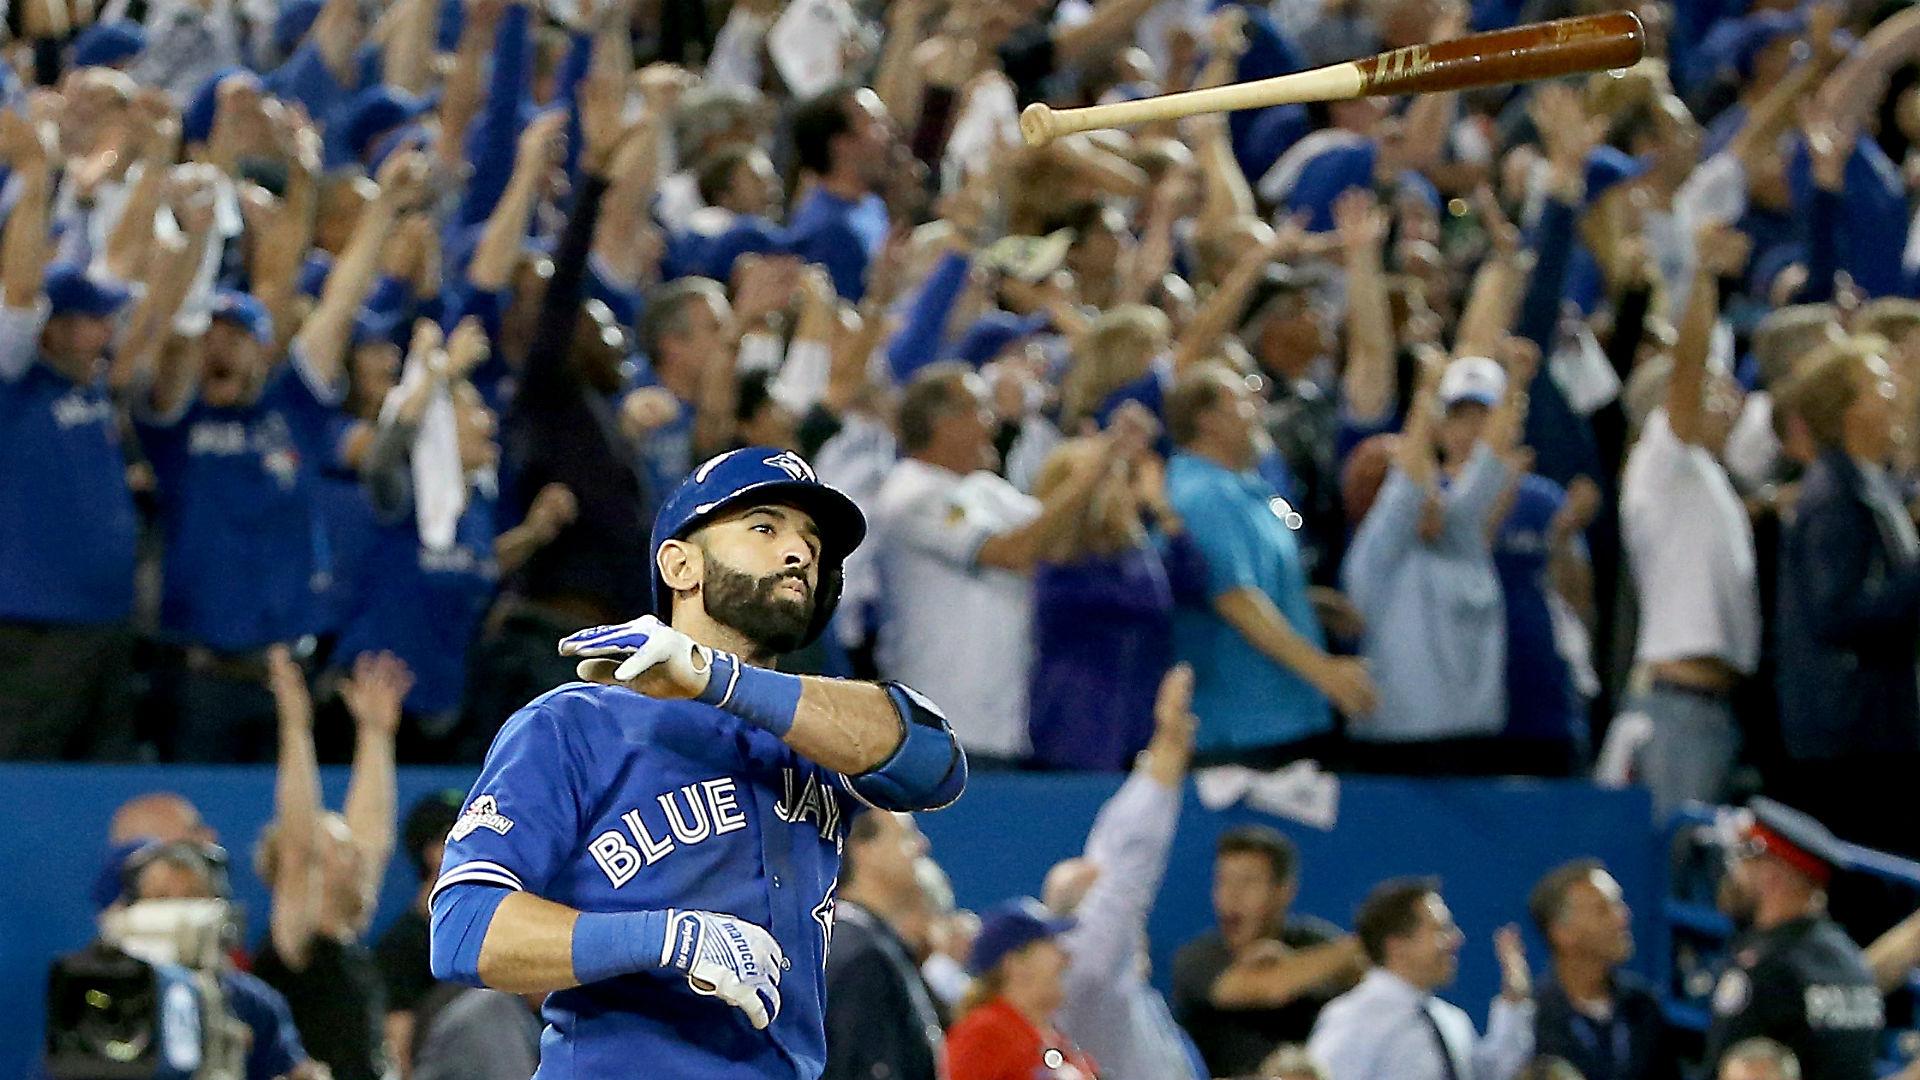 MLB playoffs 2015: Rangers' errors, Bautista's HR spark Blue Jays' comeback in wild seventh inning